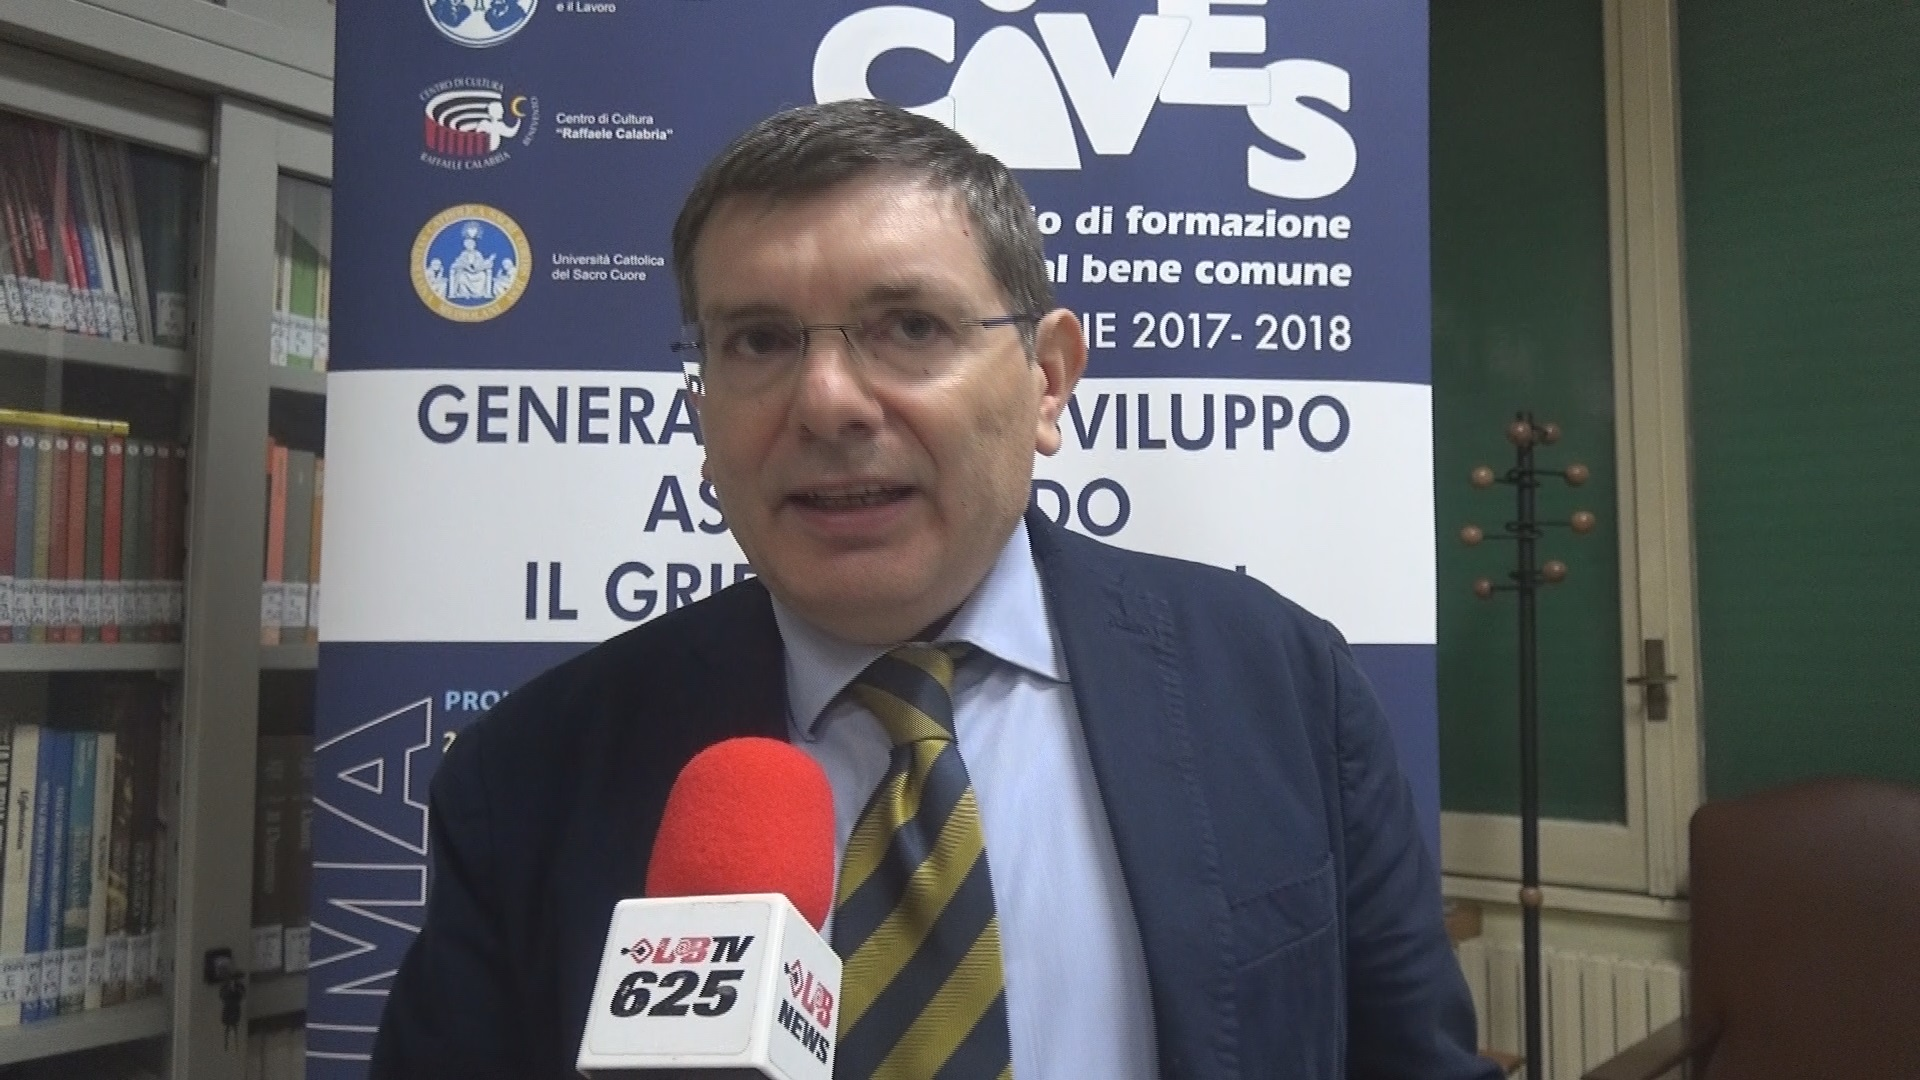 Benevento| Cives, incontro con il Prof.Padre Paolo Benanti